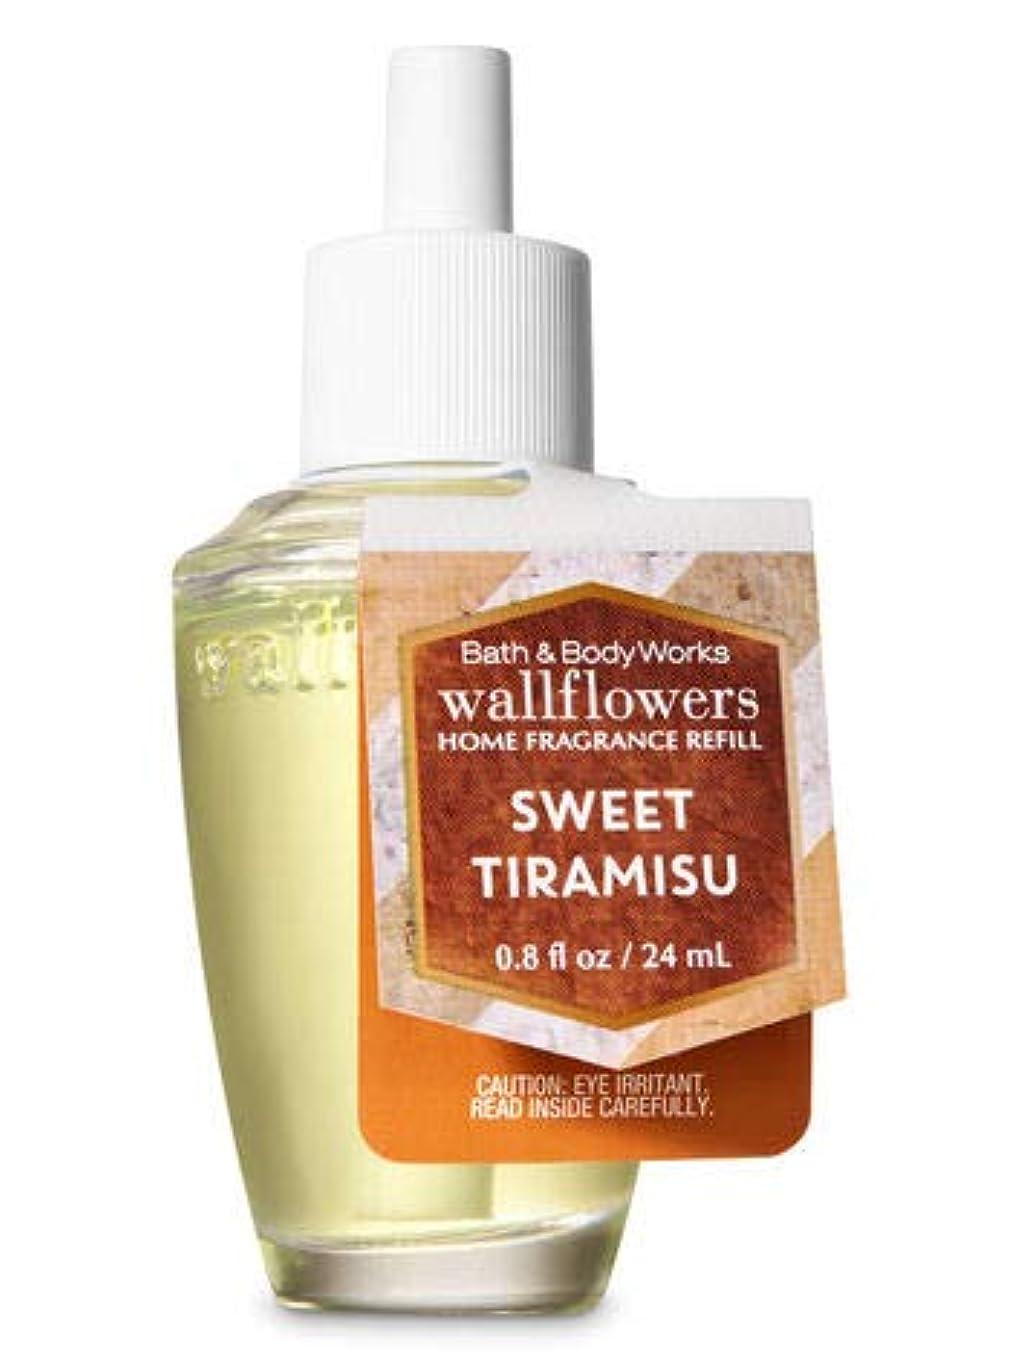 その他ムスドループ【Bath&Body Works/バス&ボディワークス】 ルームフレグランス 詰替えリフィル スイートティラミス Wallflowers Home Fragrance Refill Sweet Tiramisu [並行輸入品]